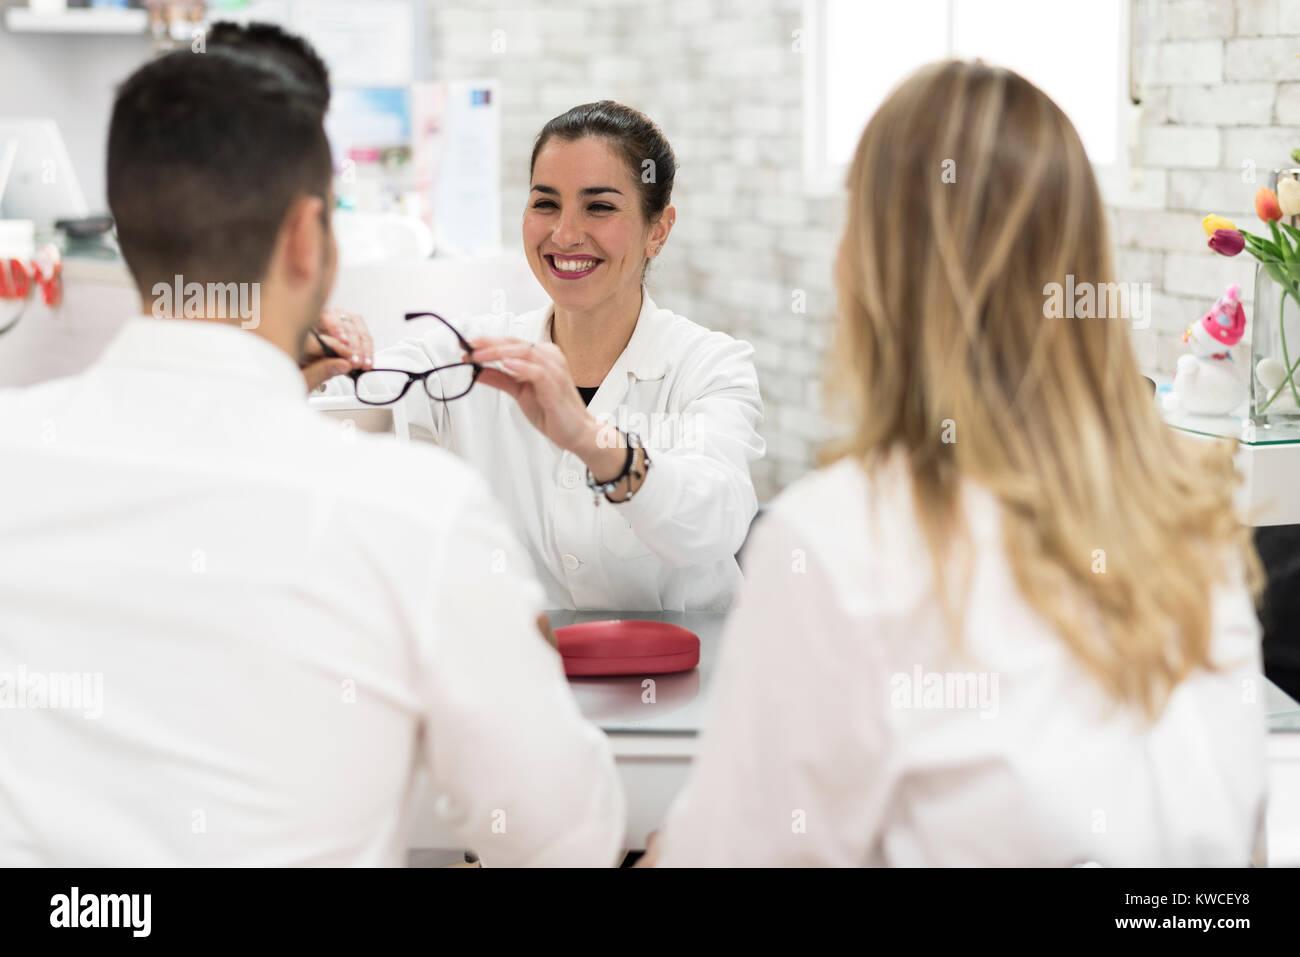 Joven oculista mujer vendiendo gafas para pareja en tienda Foto de stock